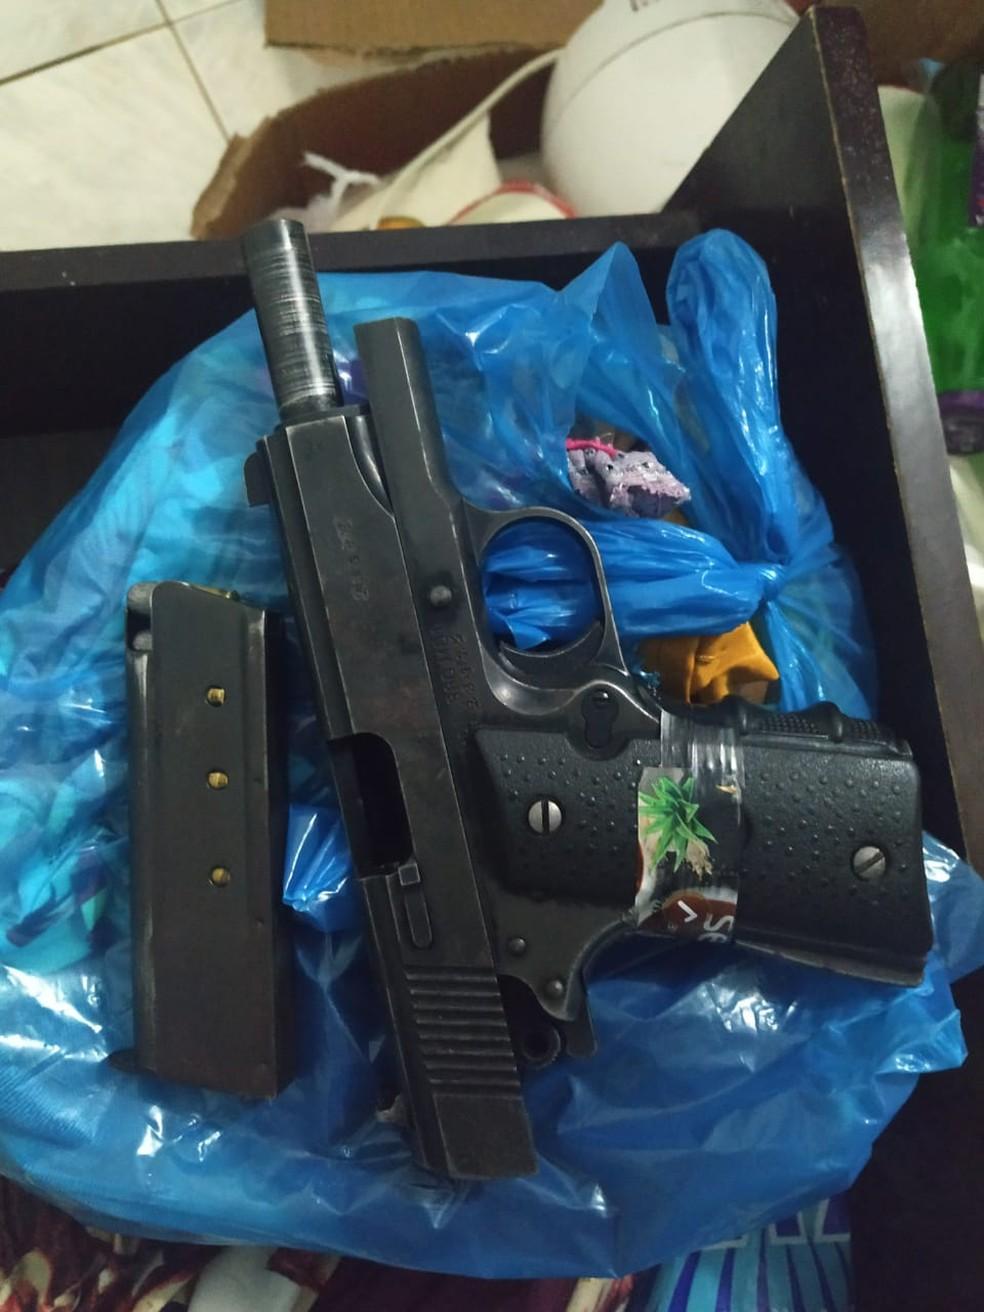 Arma apreendida na casa do rapaz morto — Foto: Polícia Militar/Divulgação